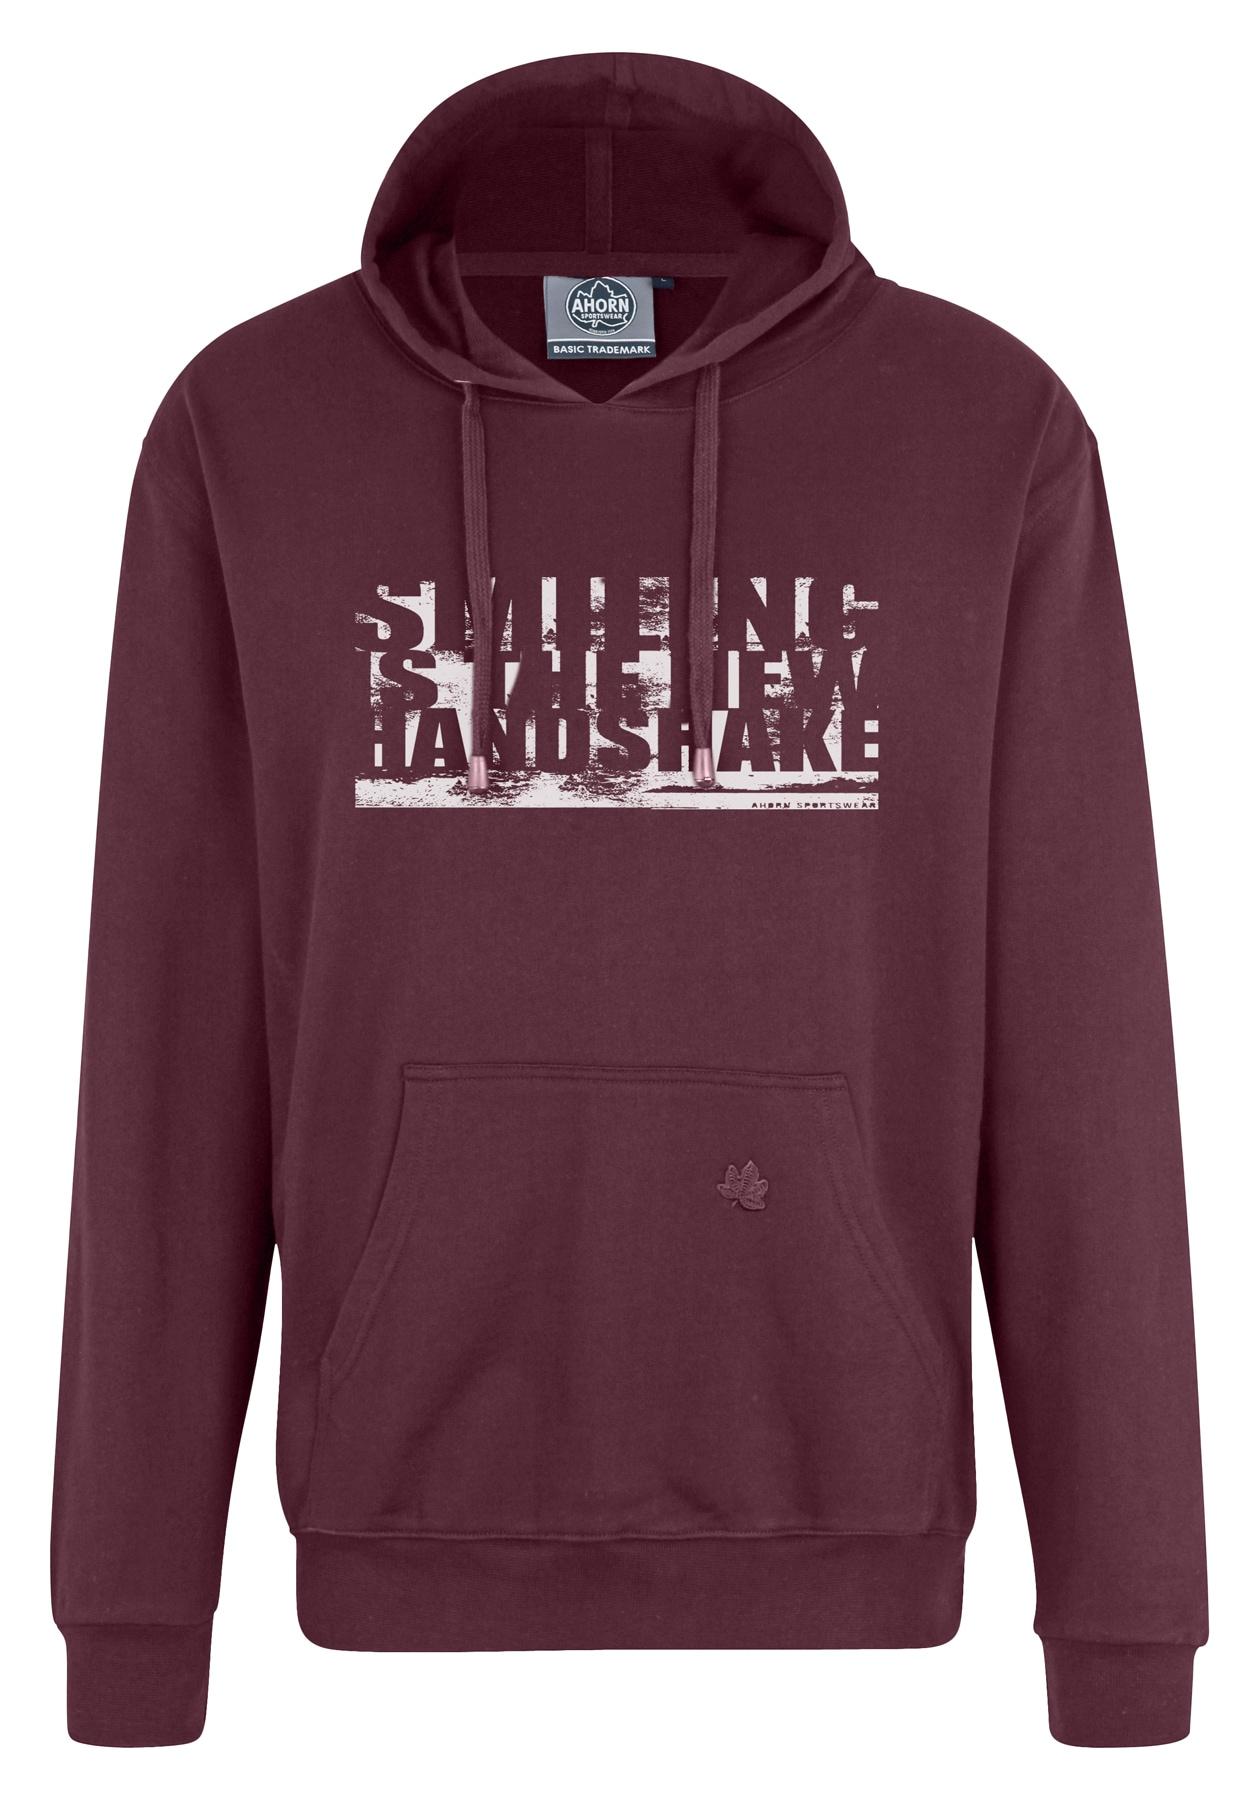 ahorn sportswear -  Hoodie, mit Statement-Print